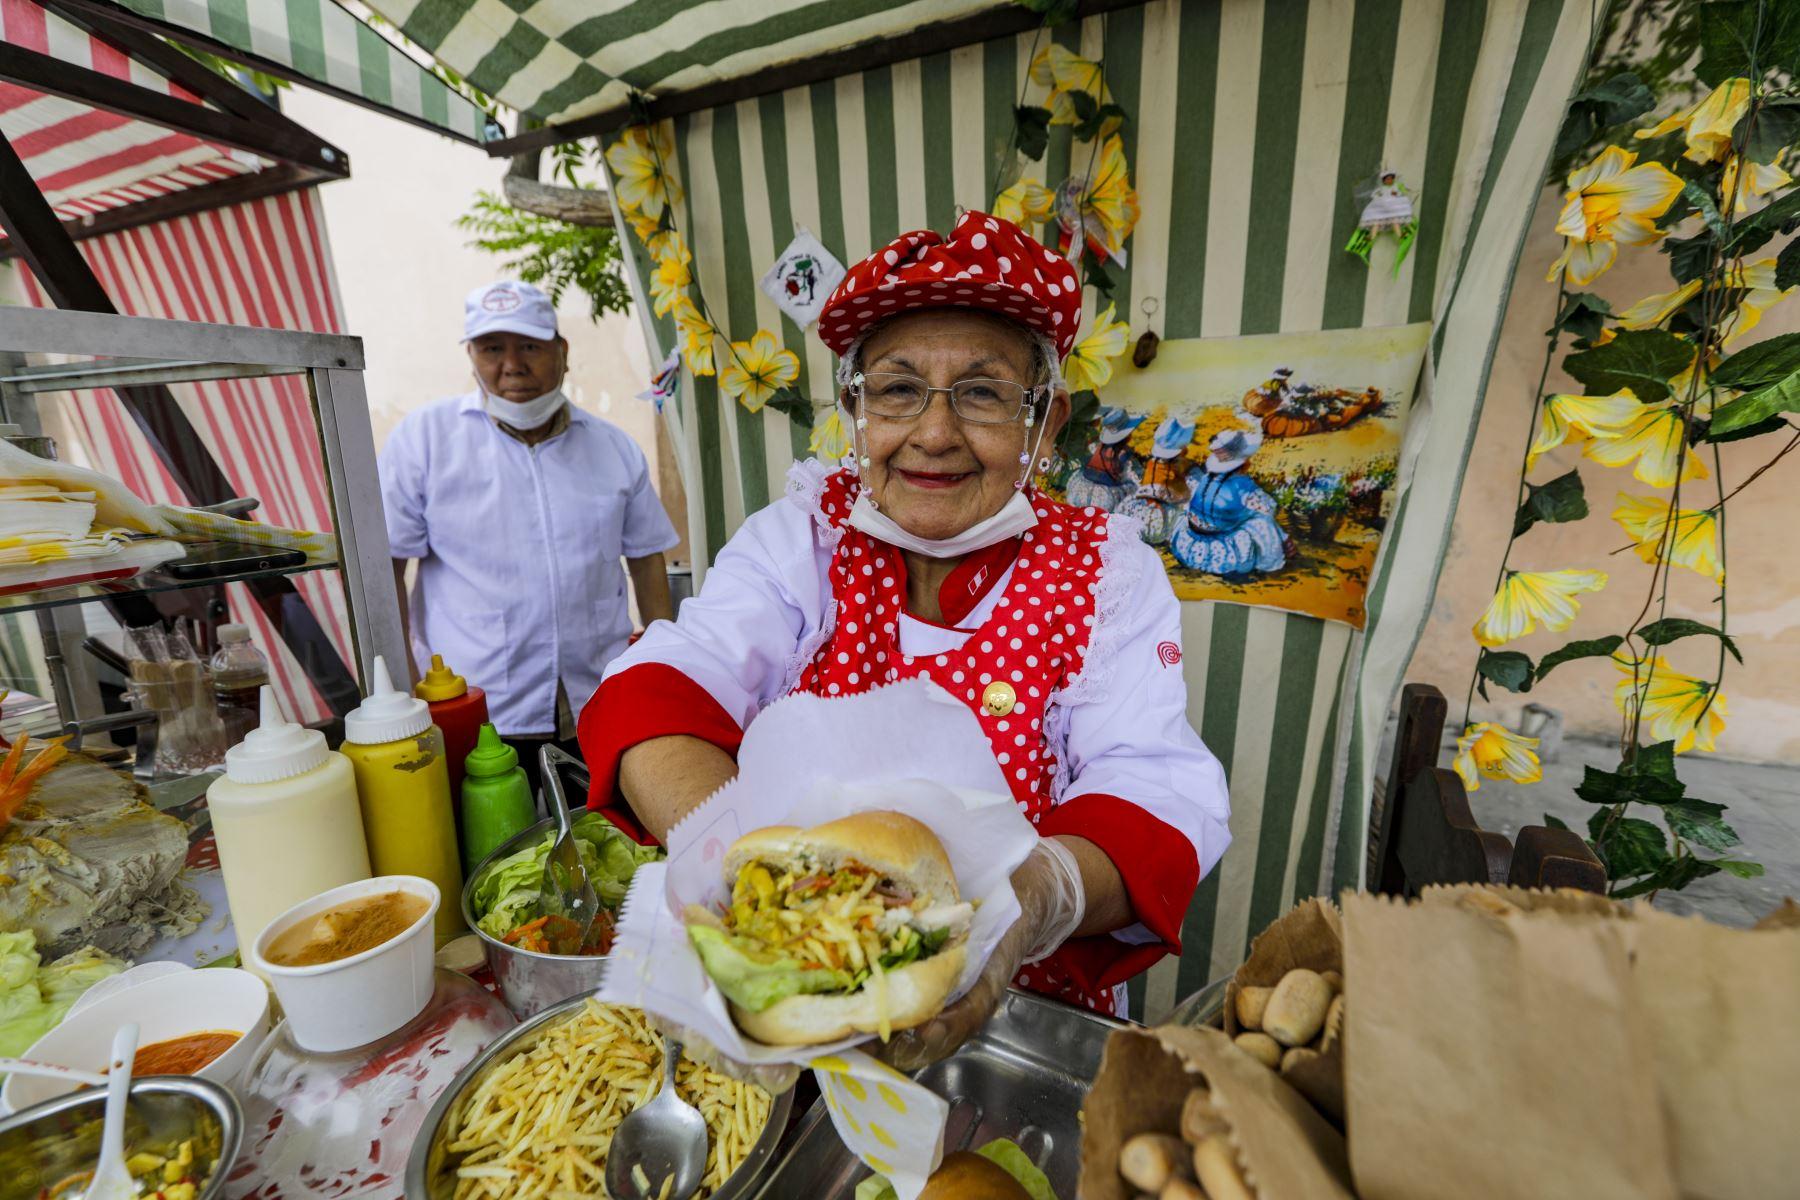 La Municipalidad de Lima anunció la próxima celebración del tradicional Festival de Amancaes. En esta oportunidad, se llevará a cabo un programa especial, a través plataformas digitales, debido al actual contexto que se vive por el COVID-19. Foto: Municipalidad de Lima